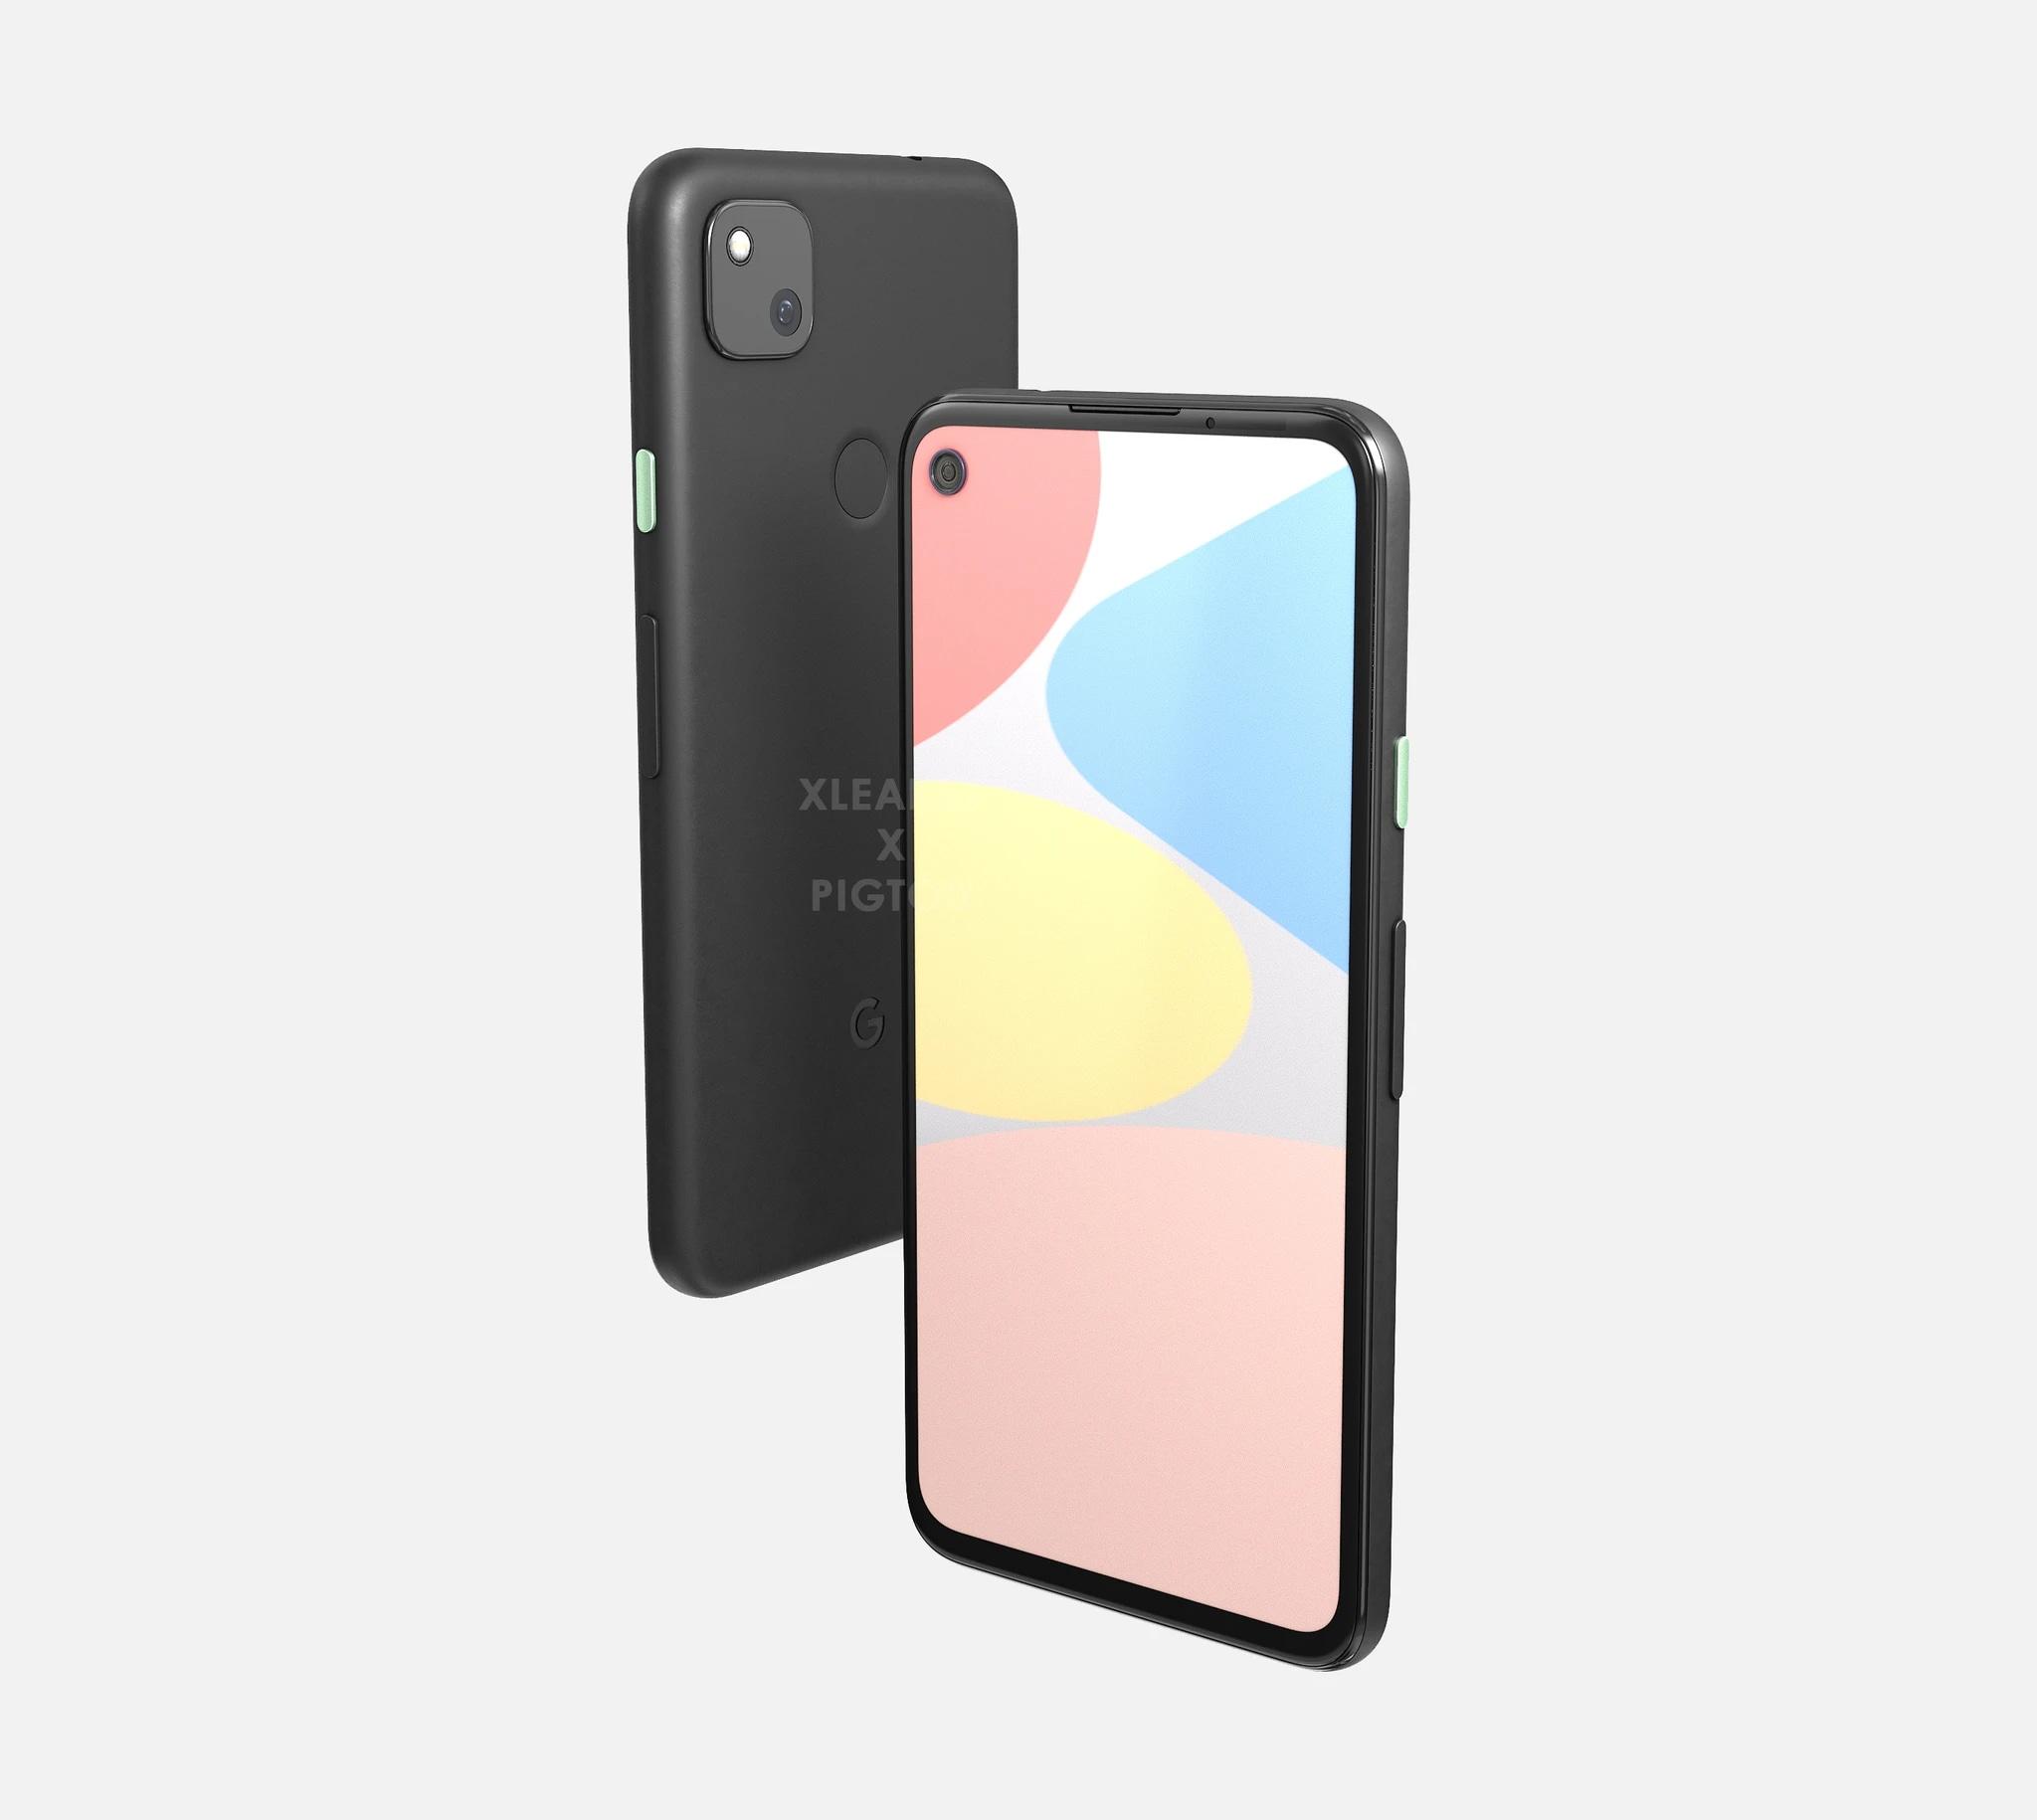 Pixel 4a rilancia sul prezzo contro il rivale iPhone SE: sarà il successore spirituale di Nexus 5?